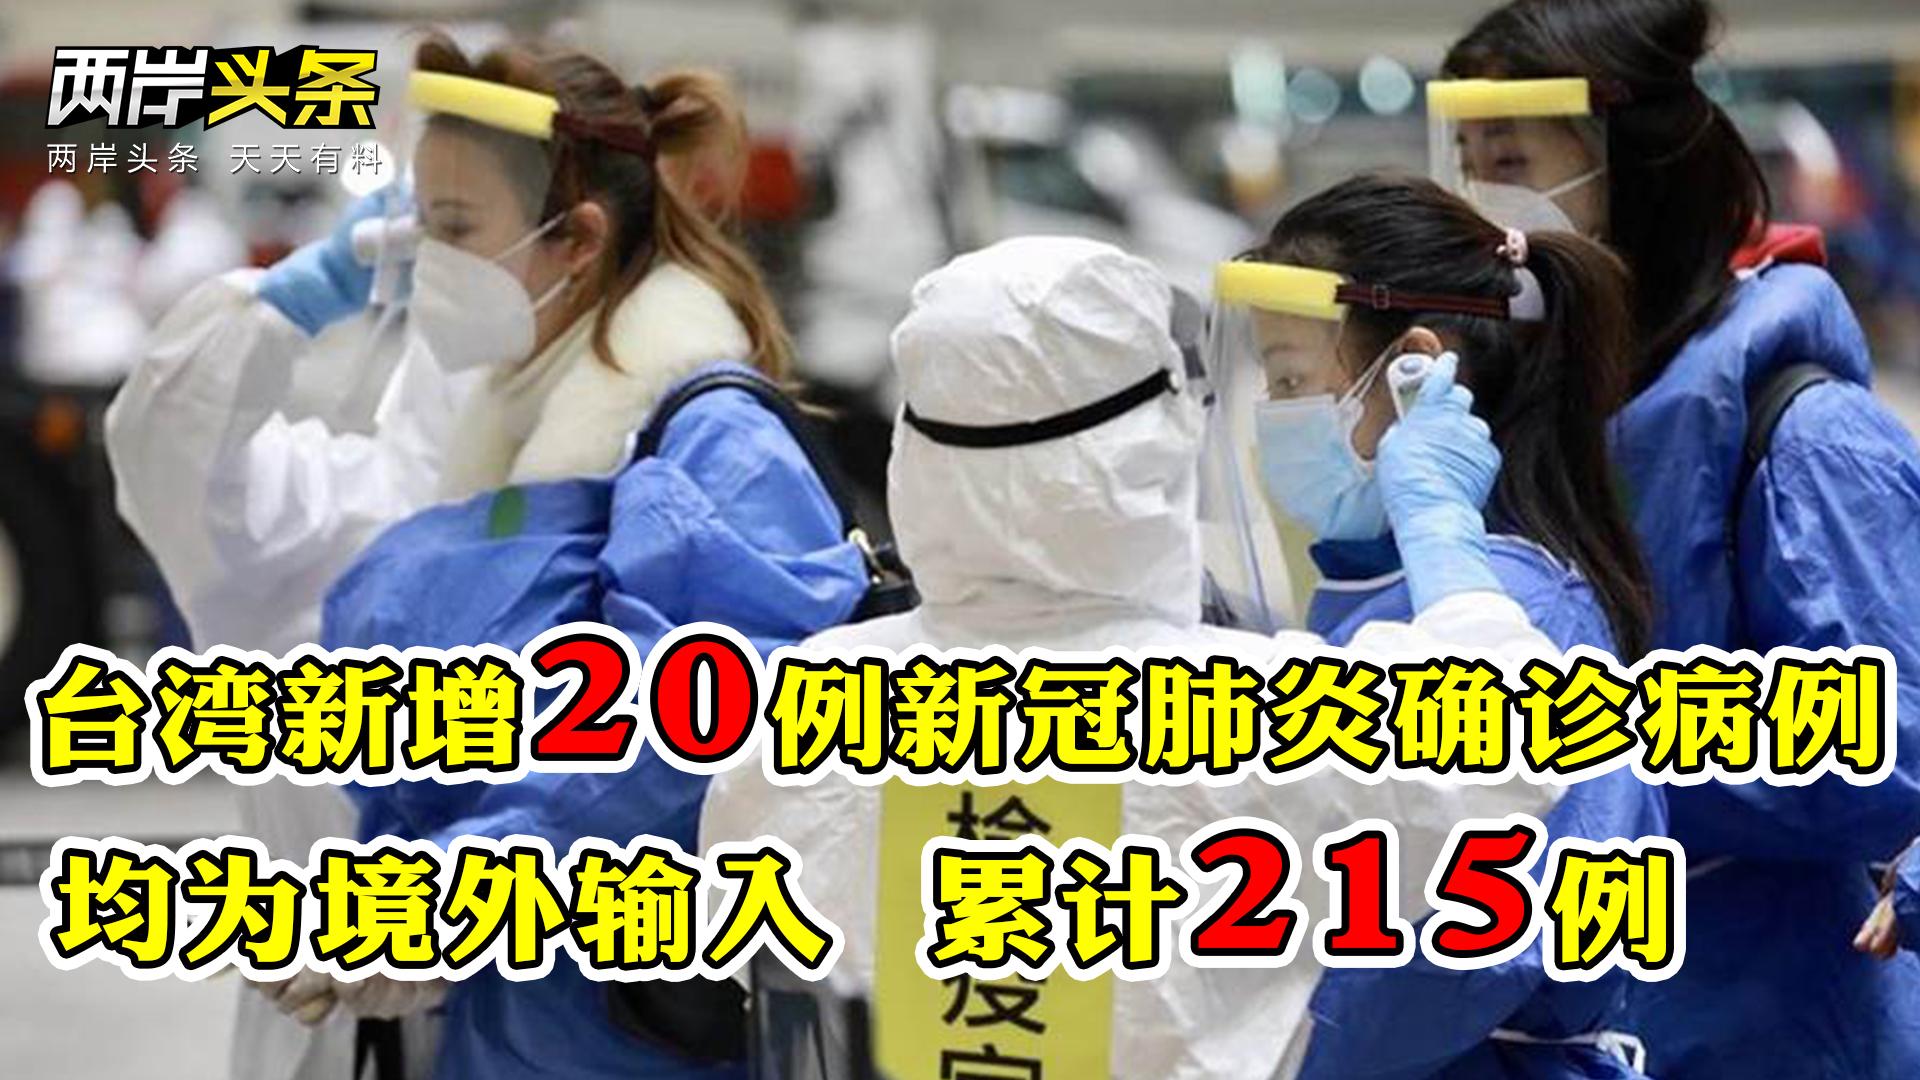 累計215例 臺灣新增20例新冠肺炎確診病例 均為境外輸入圖片